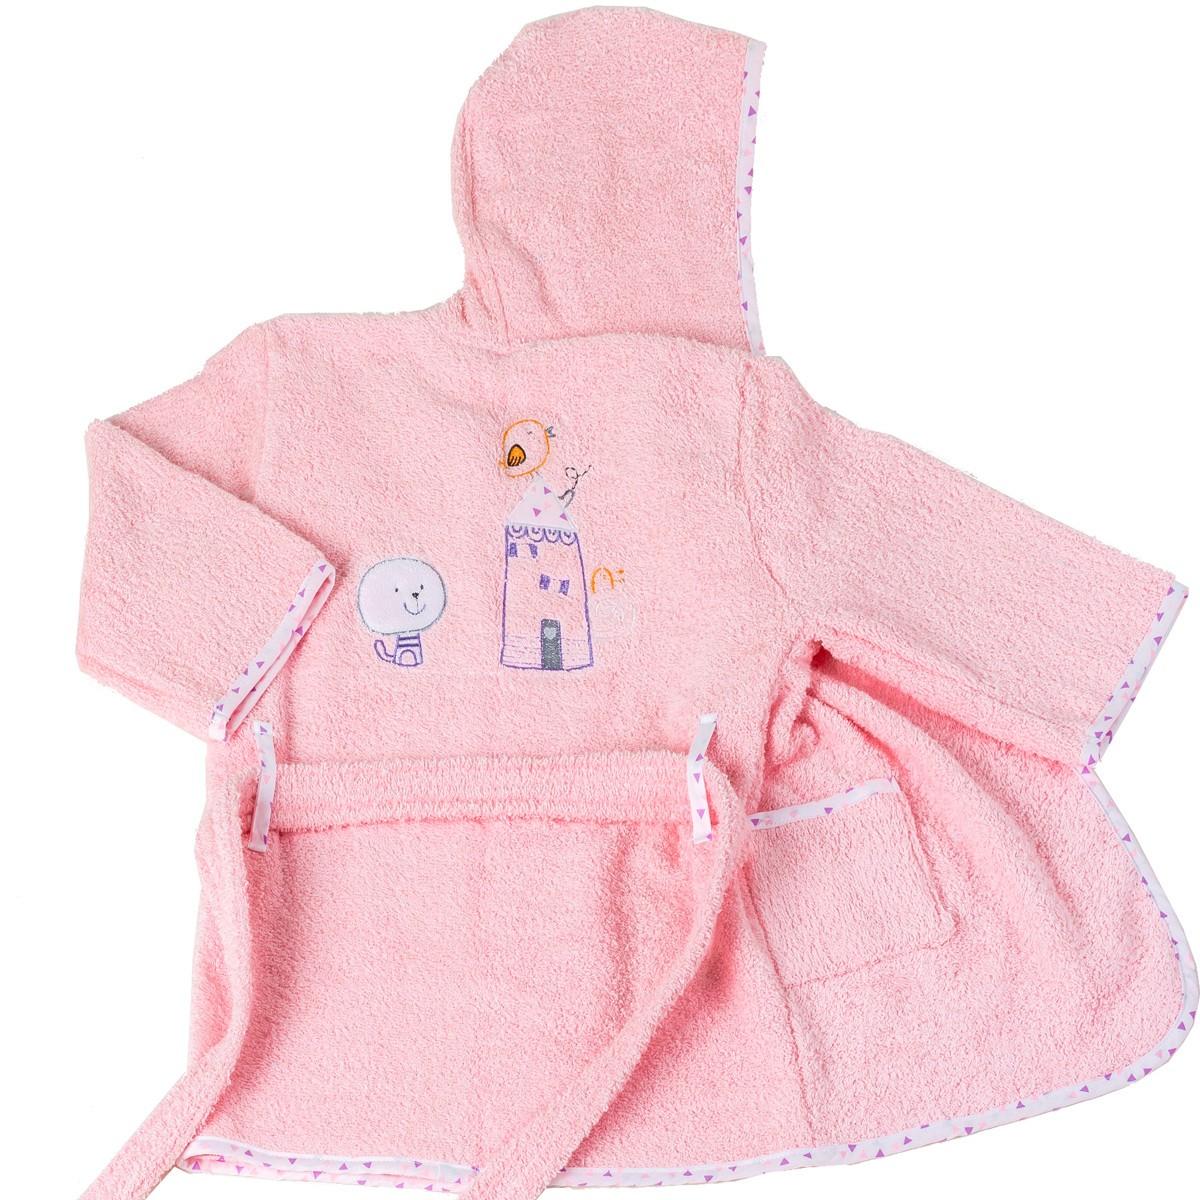 Παιδικό Μπουρνούζι Κόσμος Του Μωρού Home 4100 Ροζ Νο6 Νο6 74600